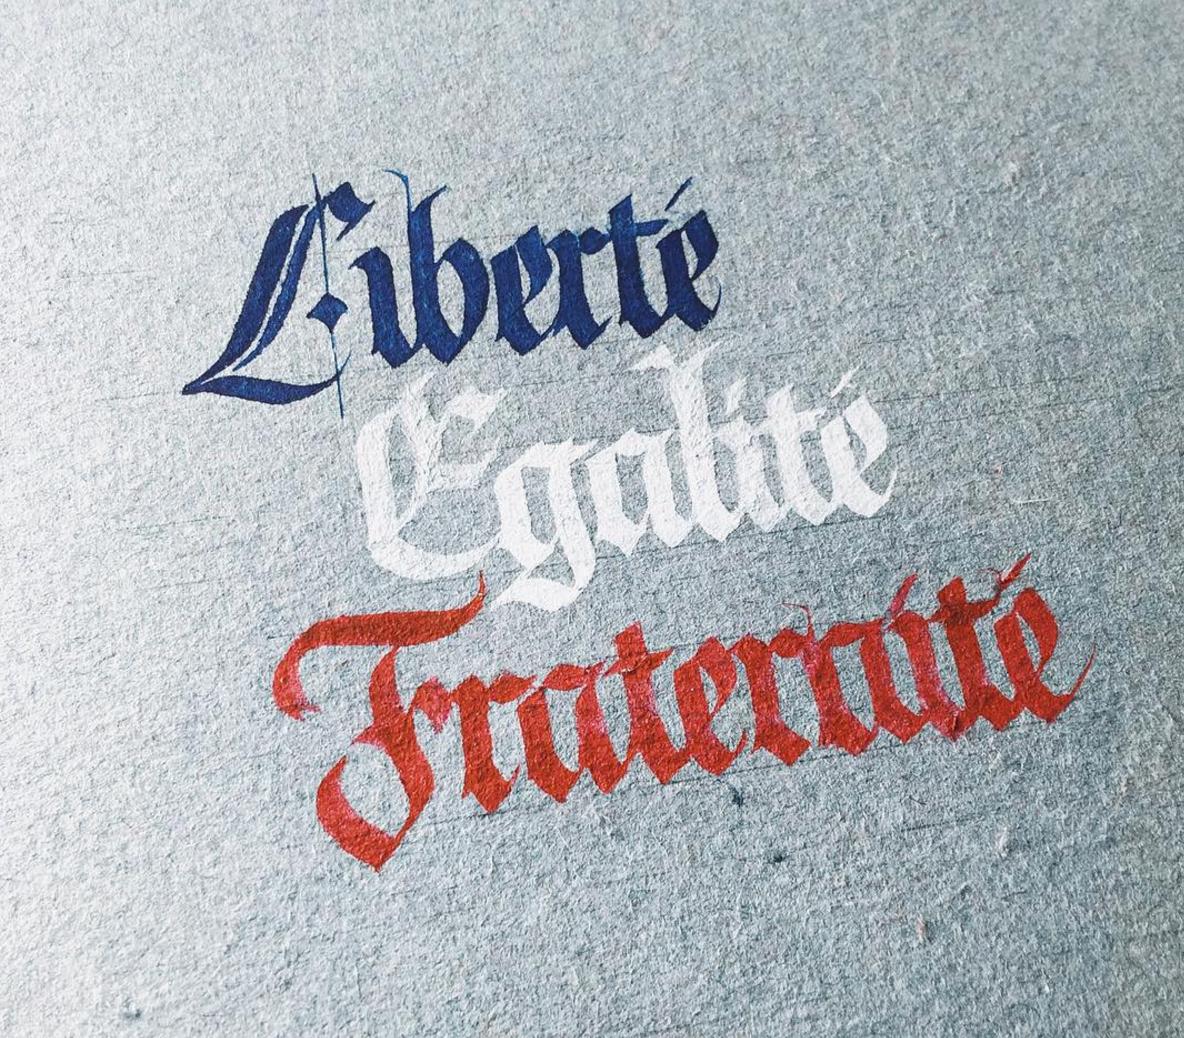 Liberté Egalité Fraternité by Chavelli | www.idrawletters.com